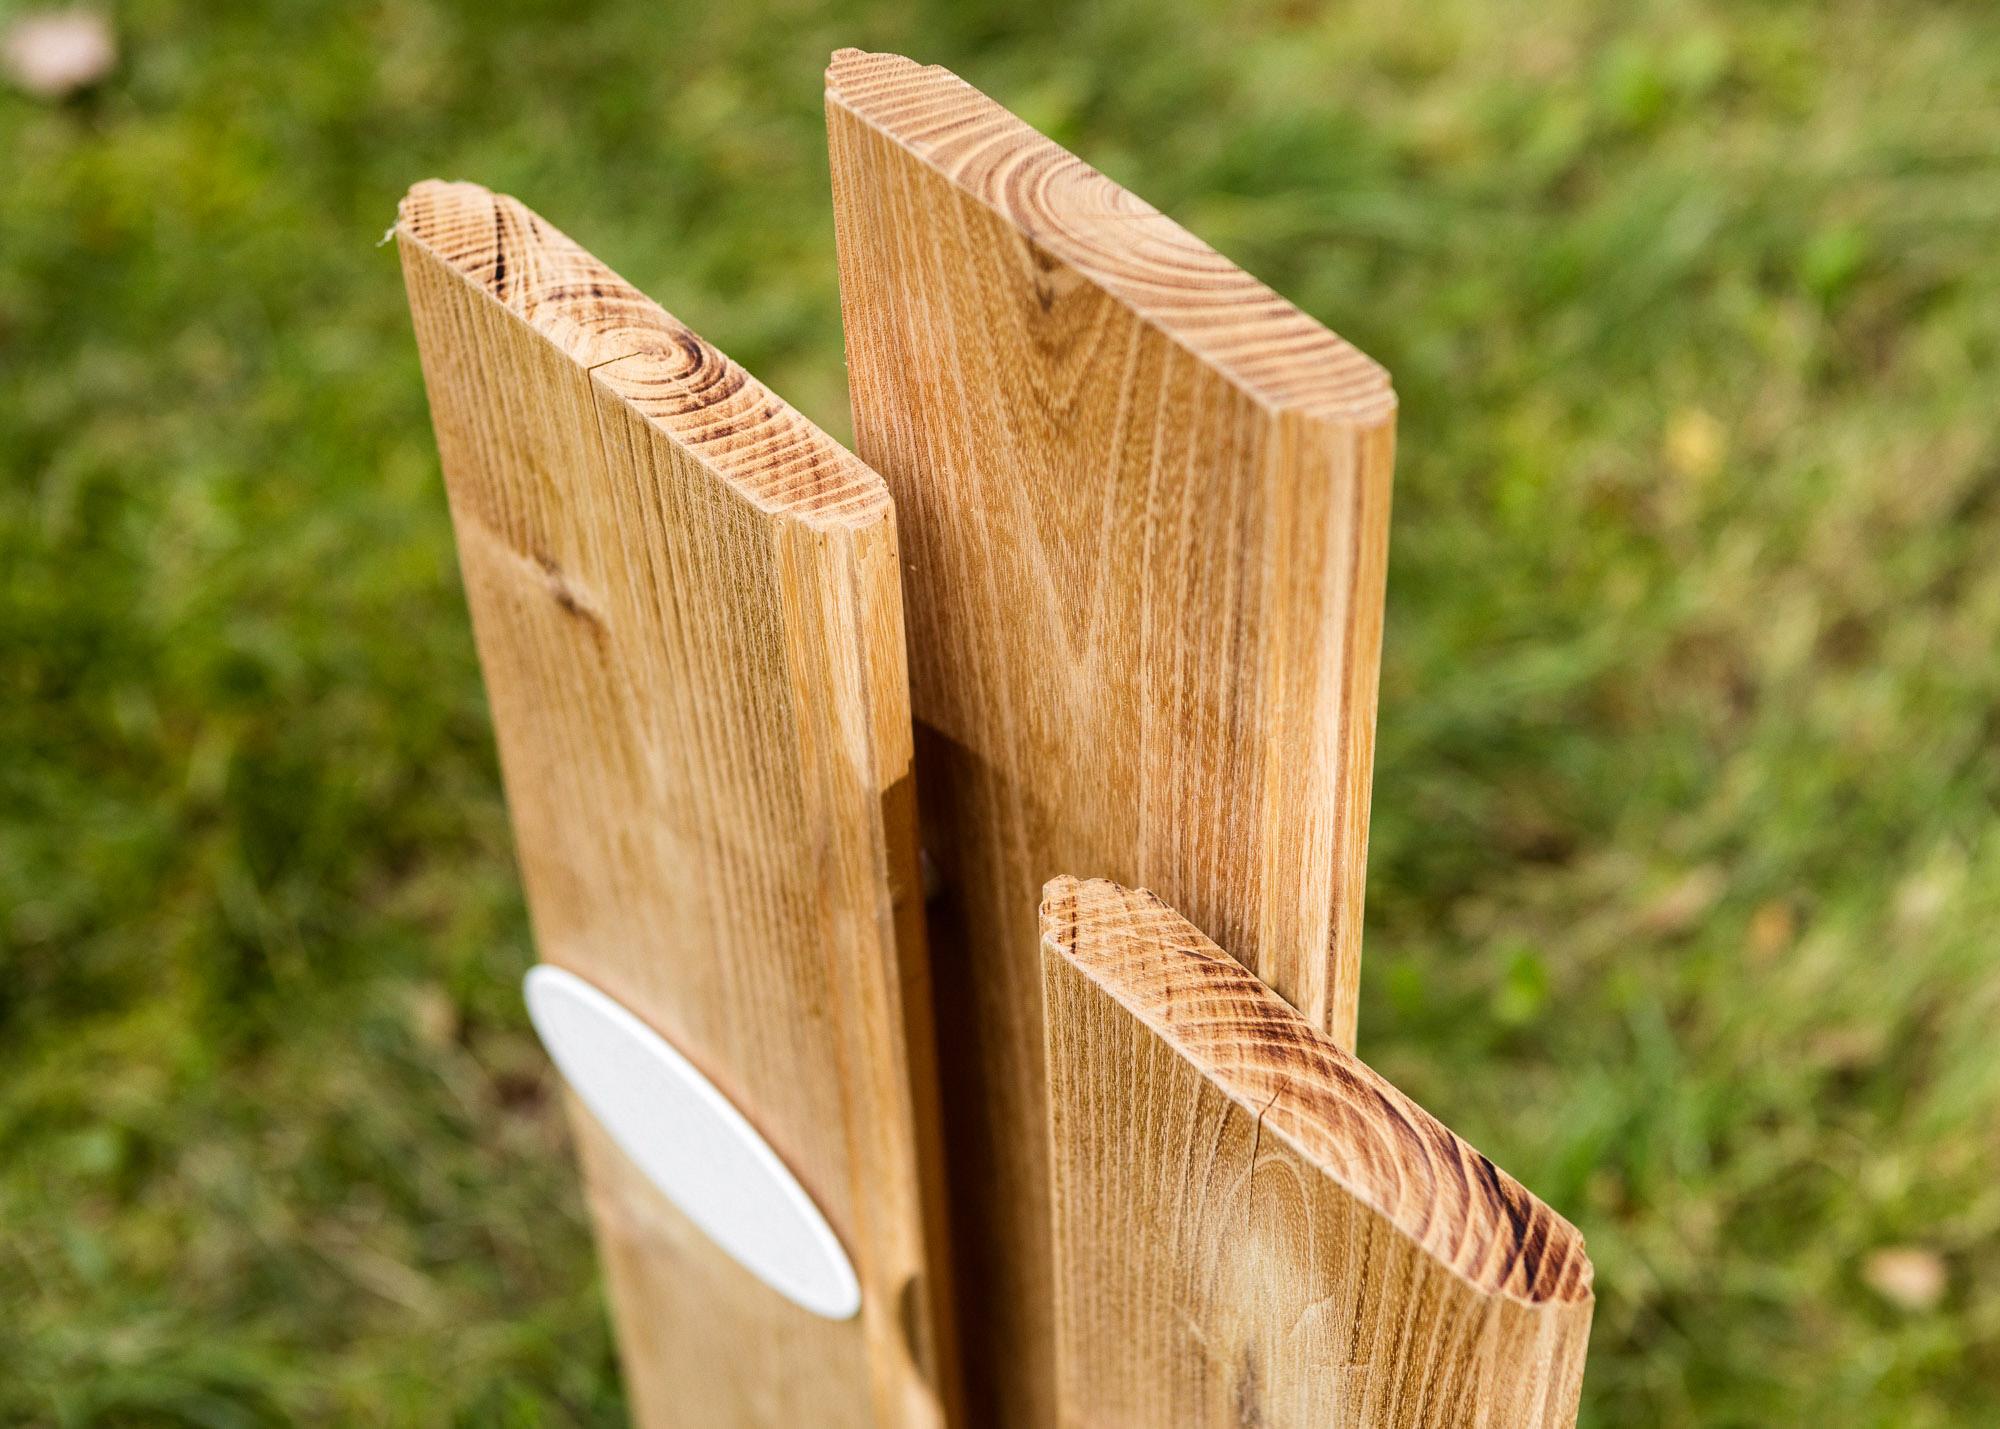 profilierte Lamellen überlagert mit Emaille-Grabschild als Holzgrabmal für Paargräber